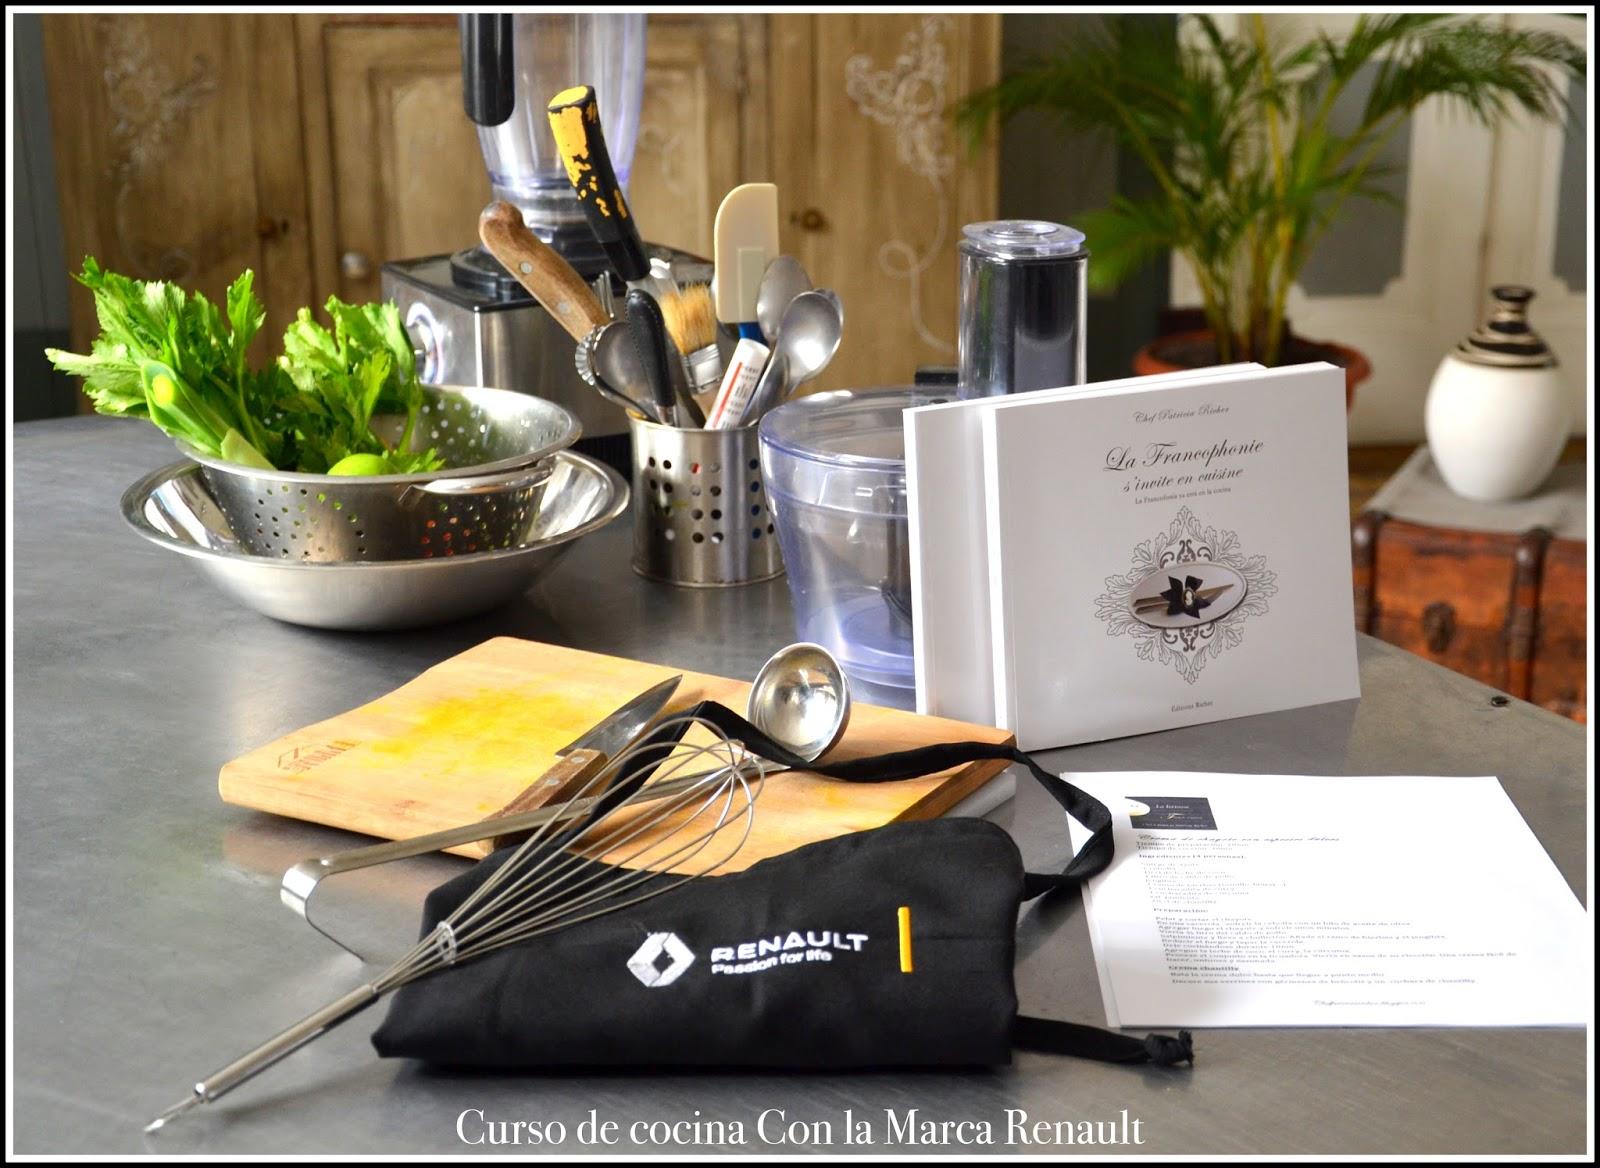 La terrasse french cuisine curso de cocina con la marca - Curso de cocina francesa ...